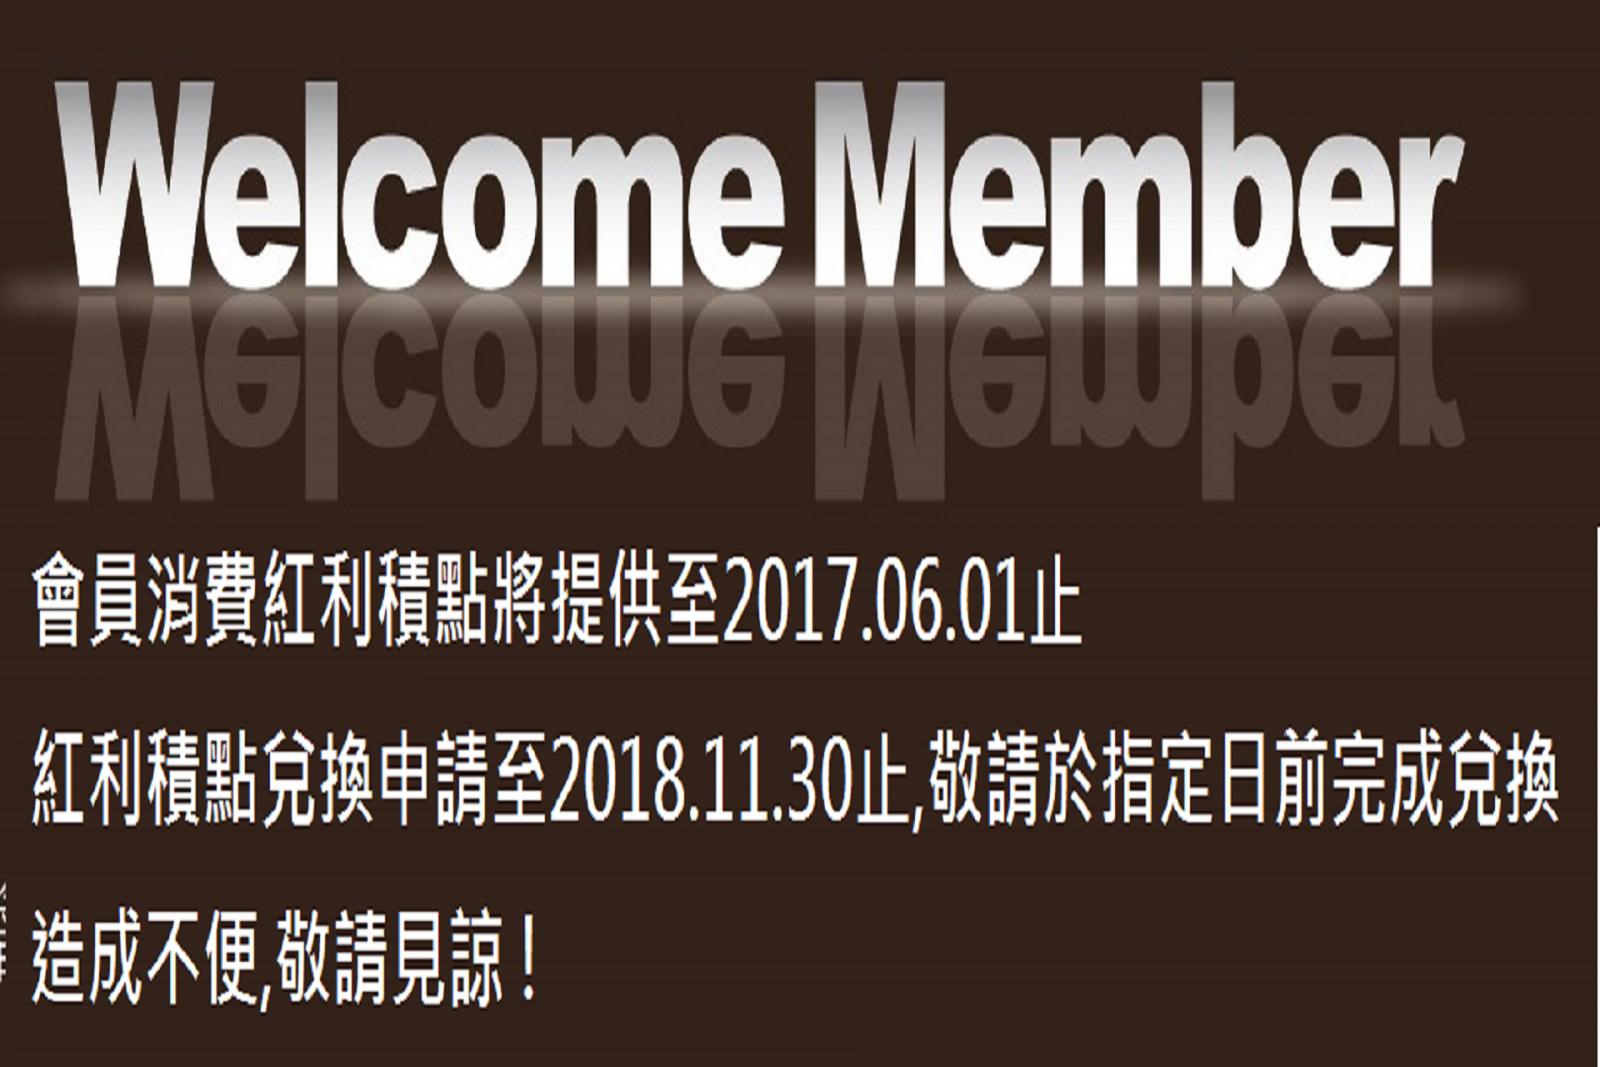 WM會員紅利積點僅提供至2017年06月01日止